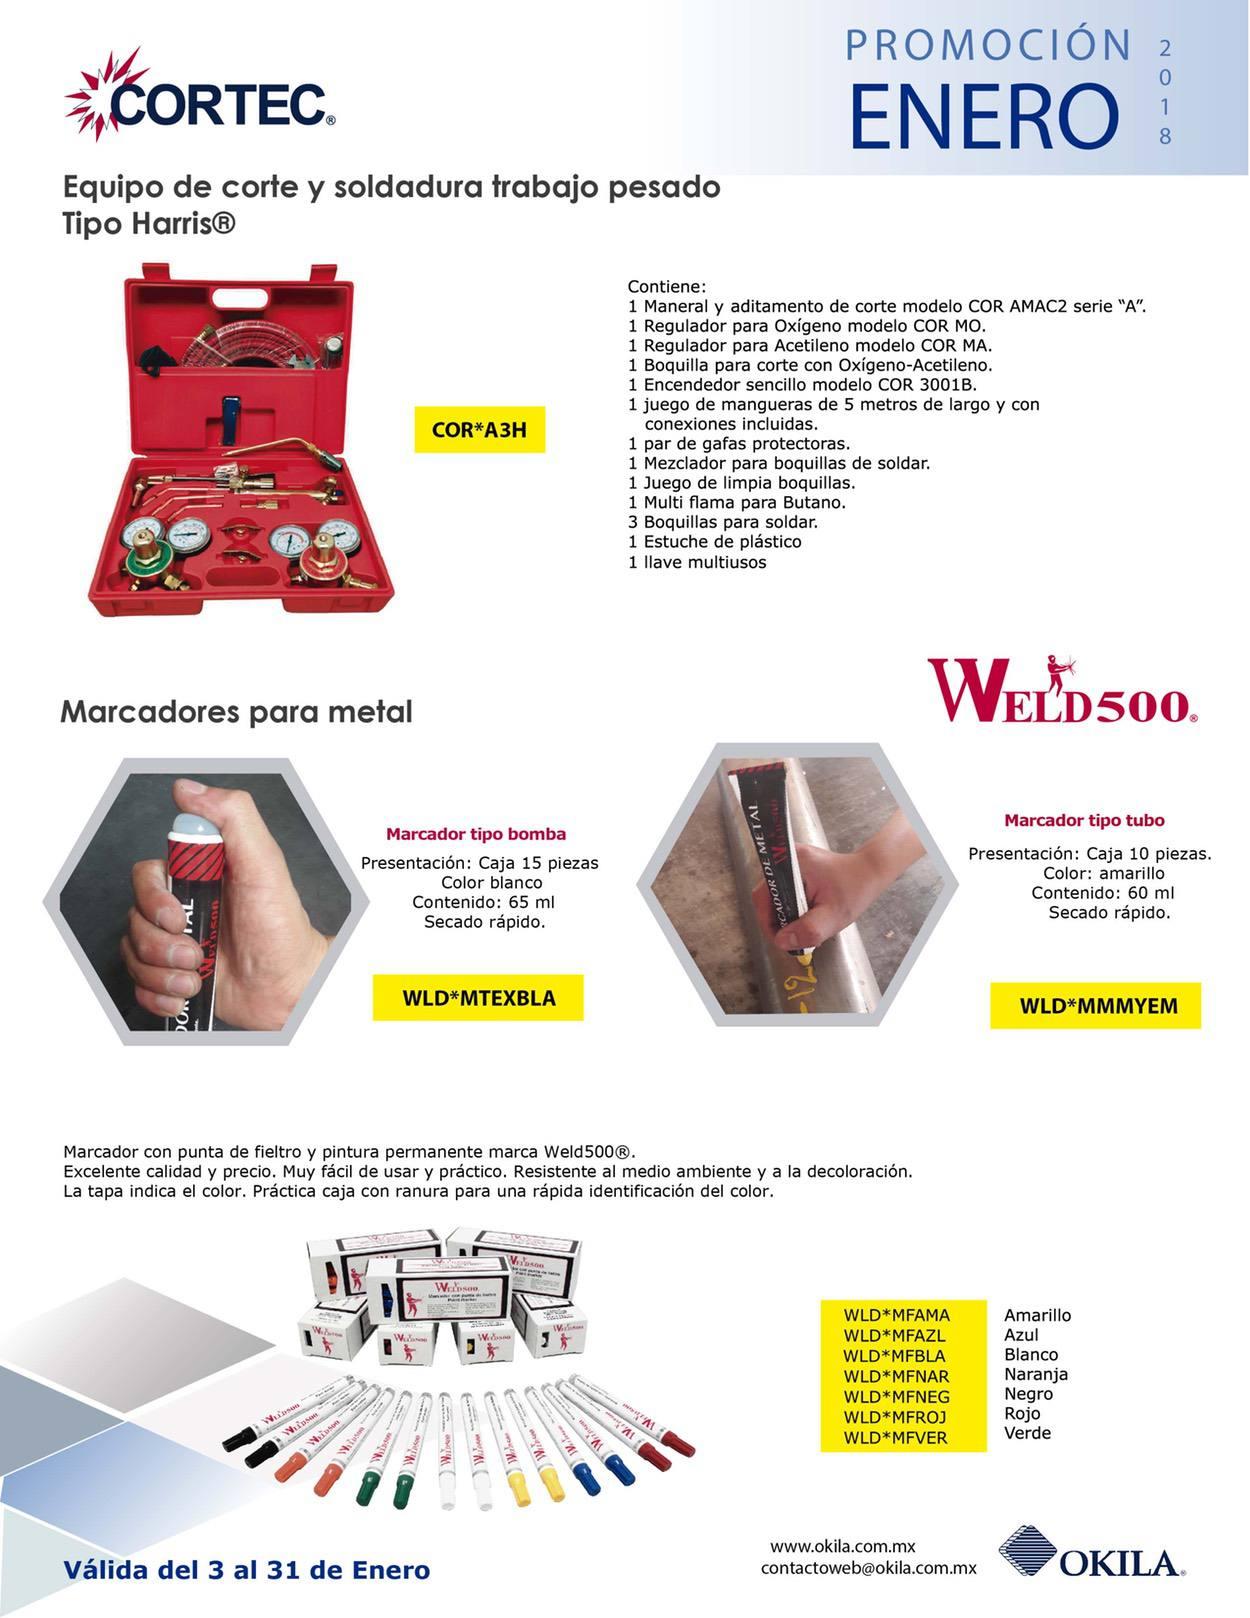 Productos de soldar como marcadores y equipo de corte